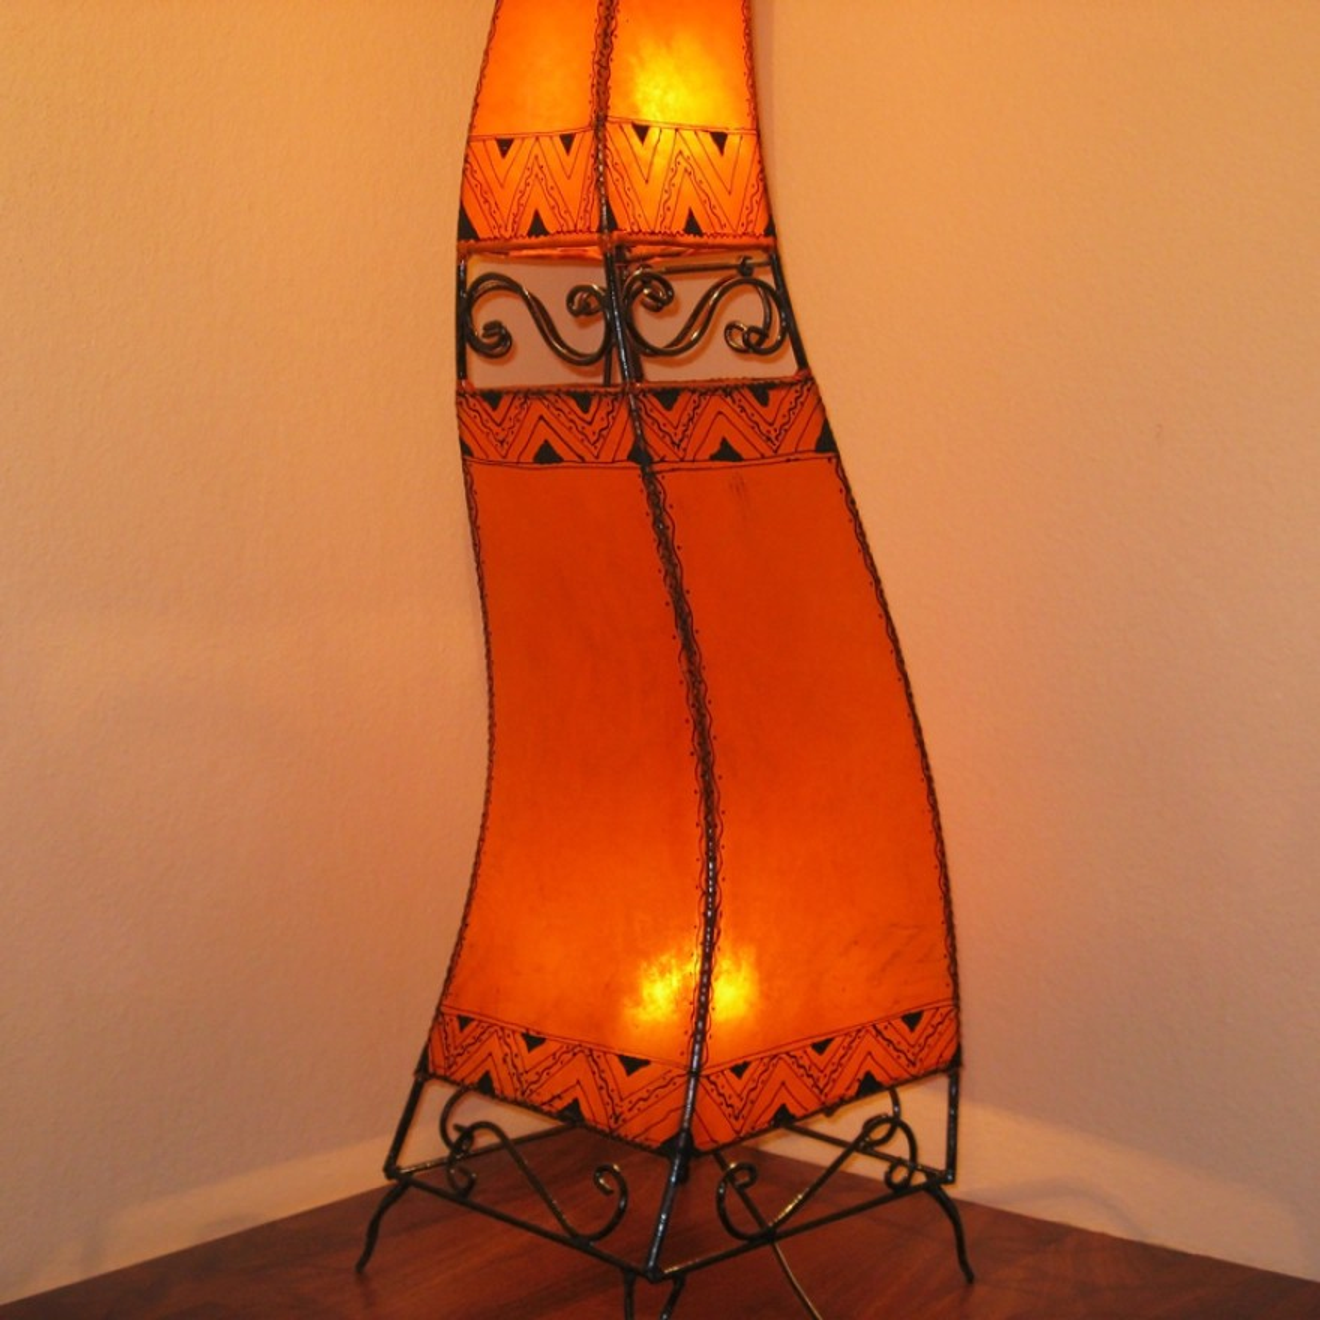 stehleuchte aus marokko cheval h160cm orange. Black Bedroom Furniture Sets. Home Design Ideas